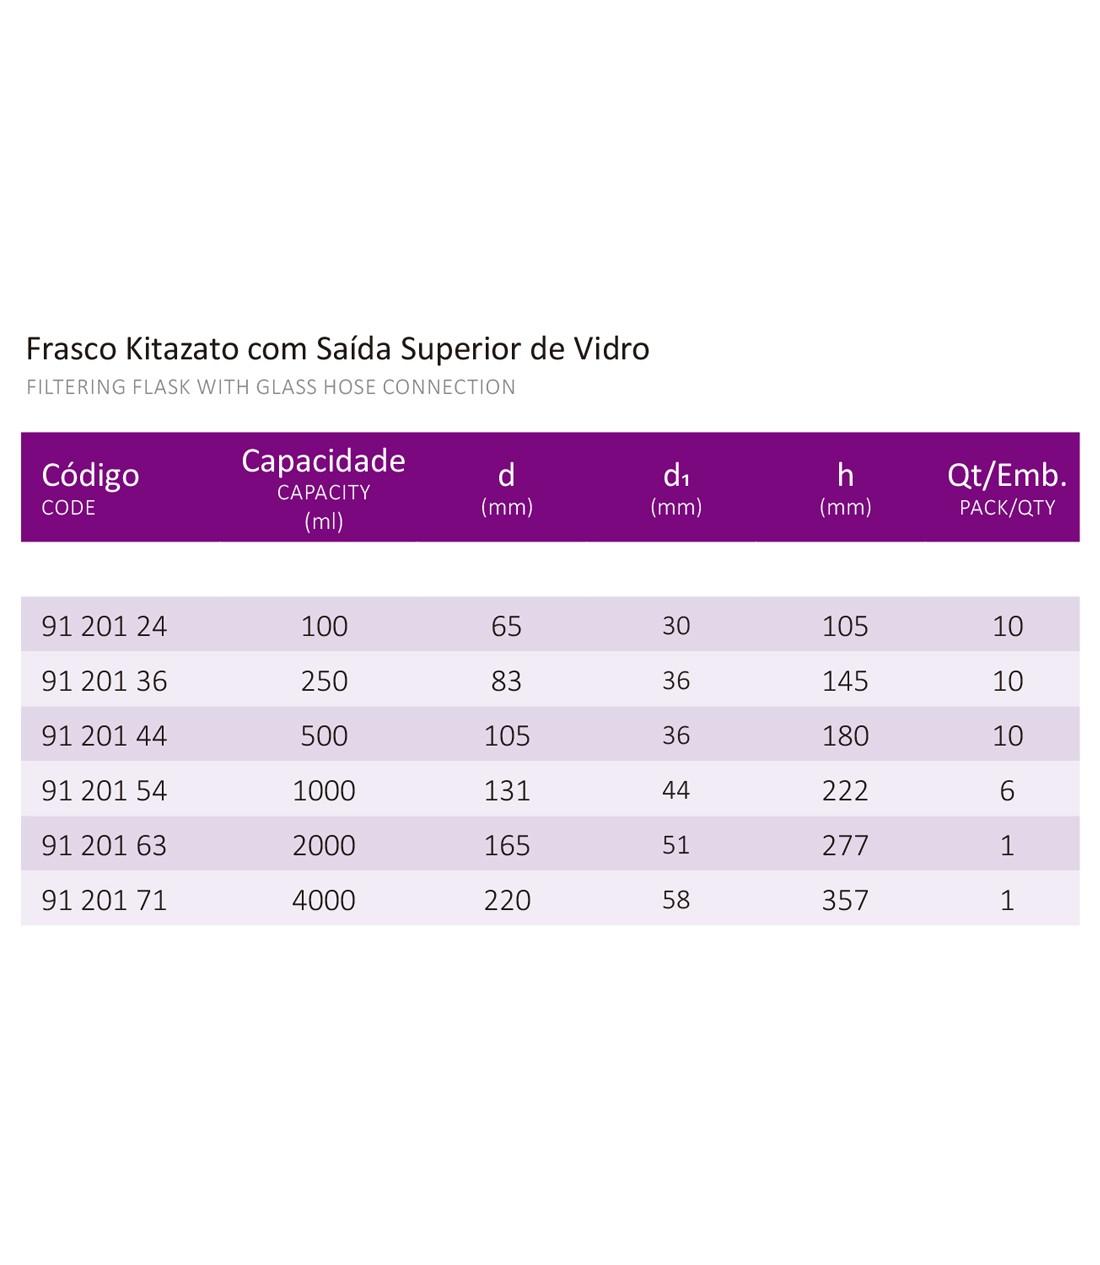 FRASCO KITAZATO SAÍDA SUPERIOR DE VIDRO 2000 ML - Laborglas - Cód. 9120163